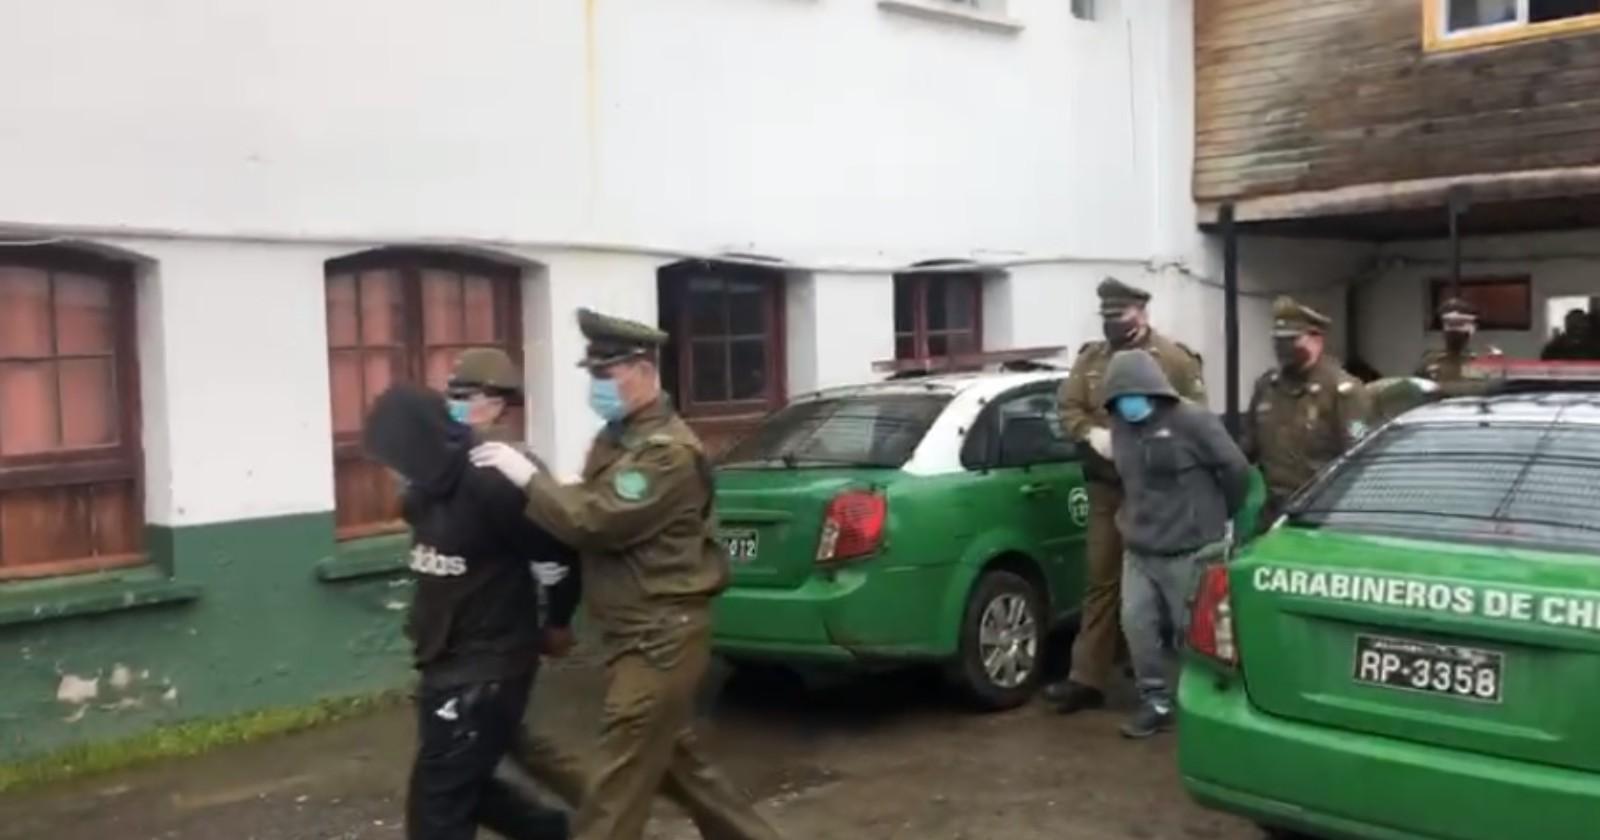 Tres detenidos en Cañete por homicidios frustrados y robo con violencia: tenían armas de grueso calibre y chalecos antibalas